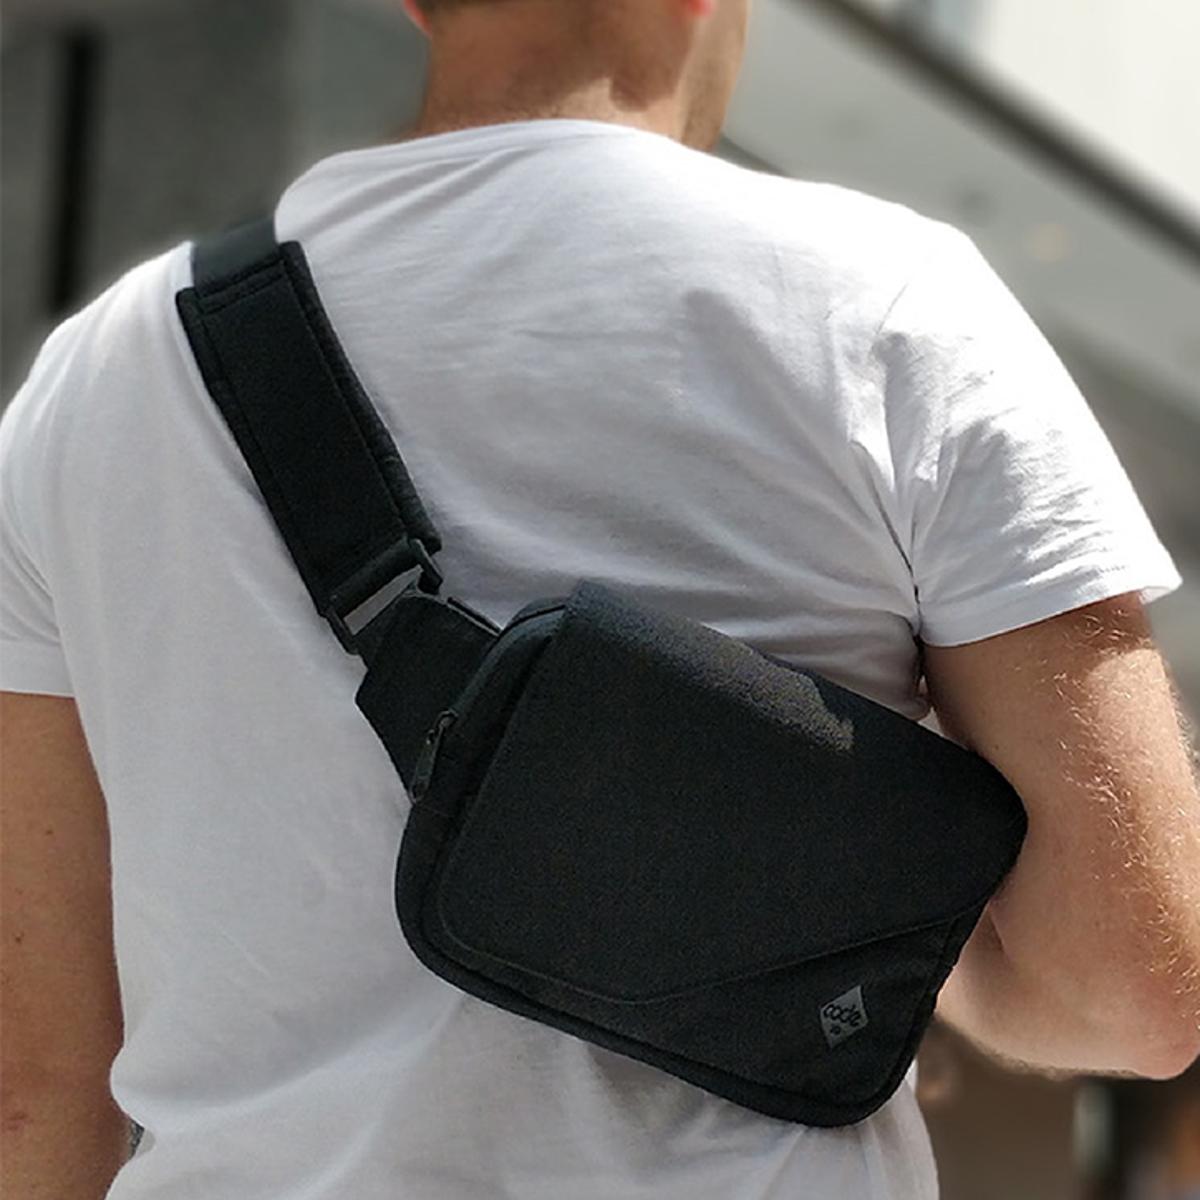 『着る財布』で、心地いい移動を|紙幣・カードをそのまま収納できるボディバッグ型